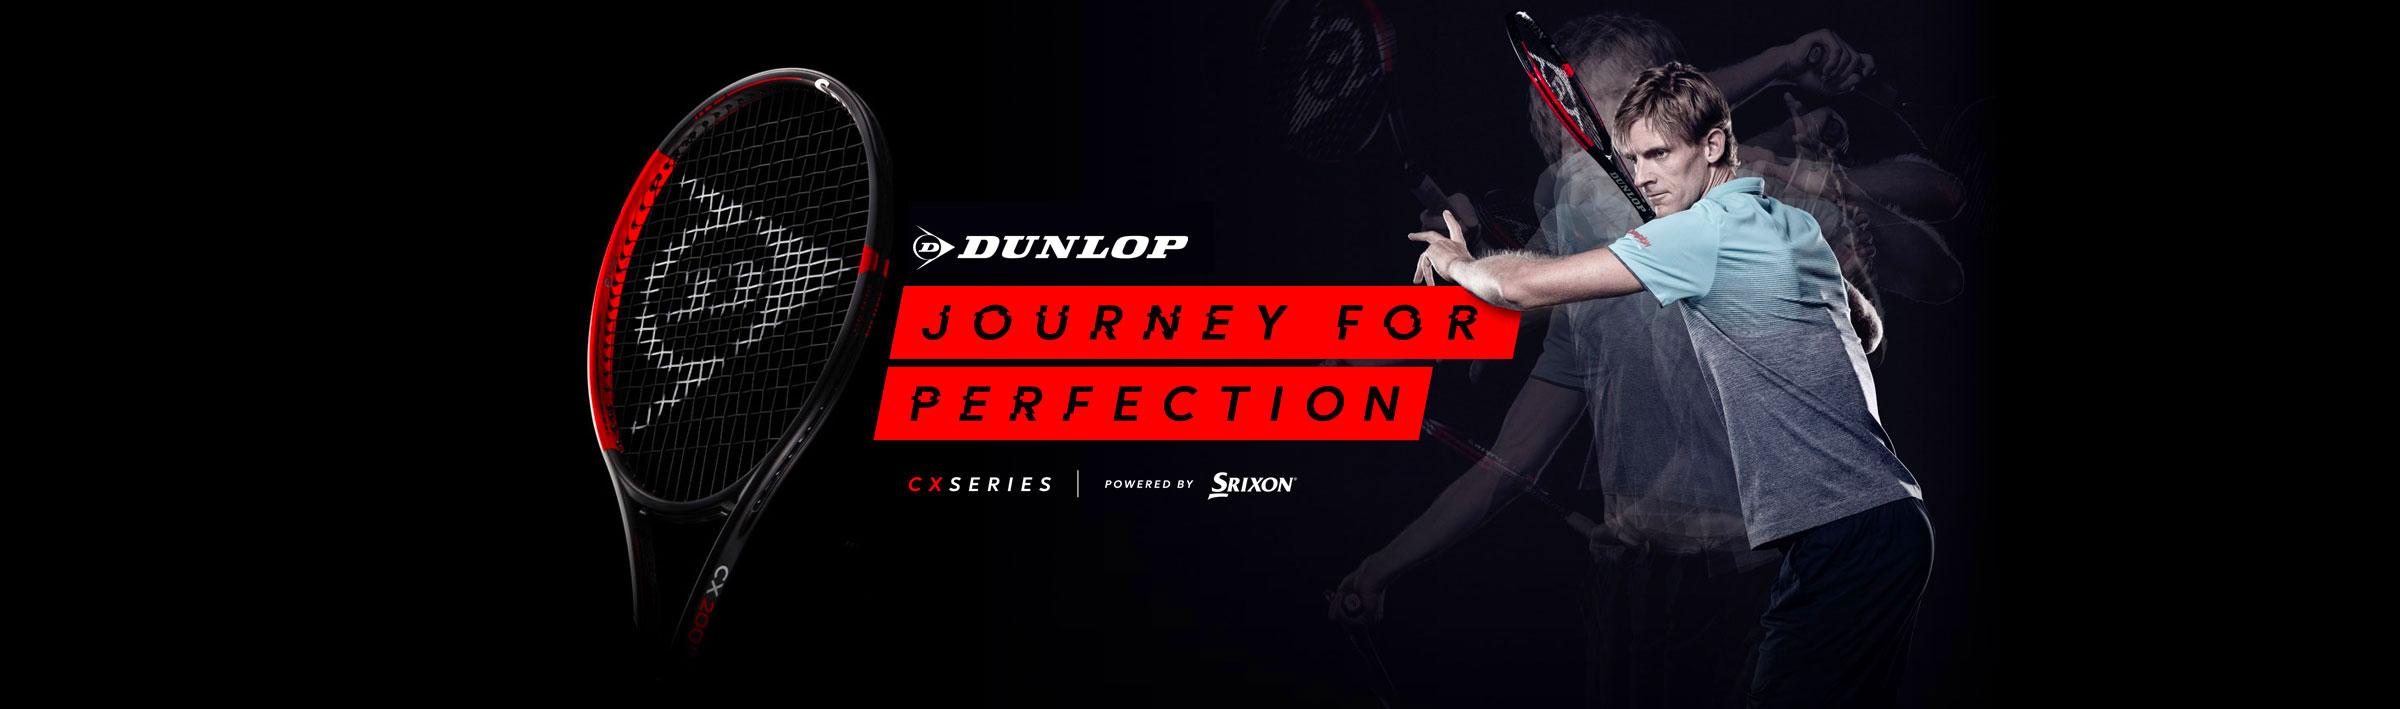 Dunlop Srixon CX